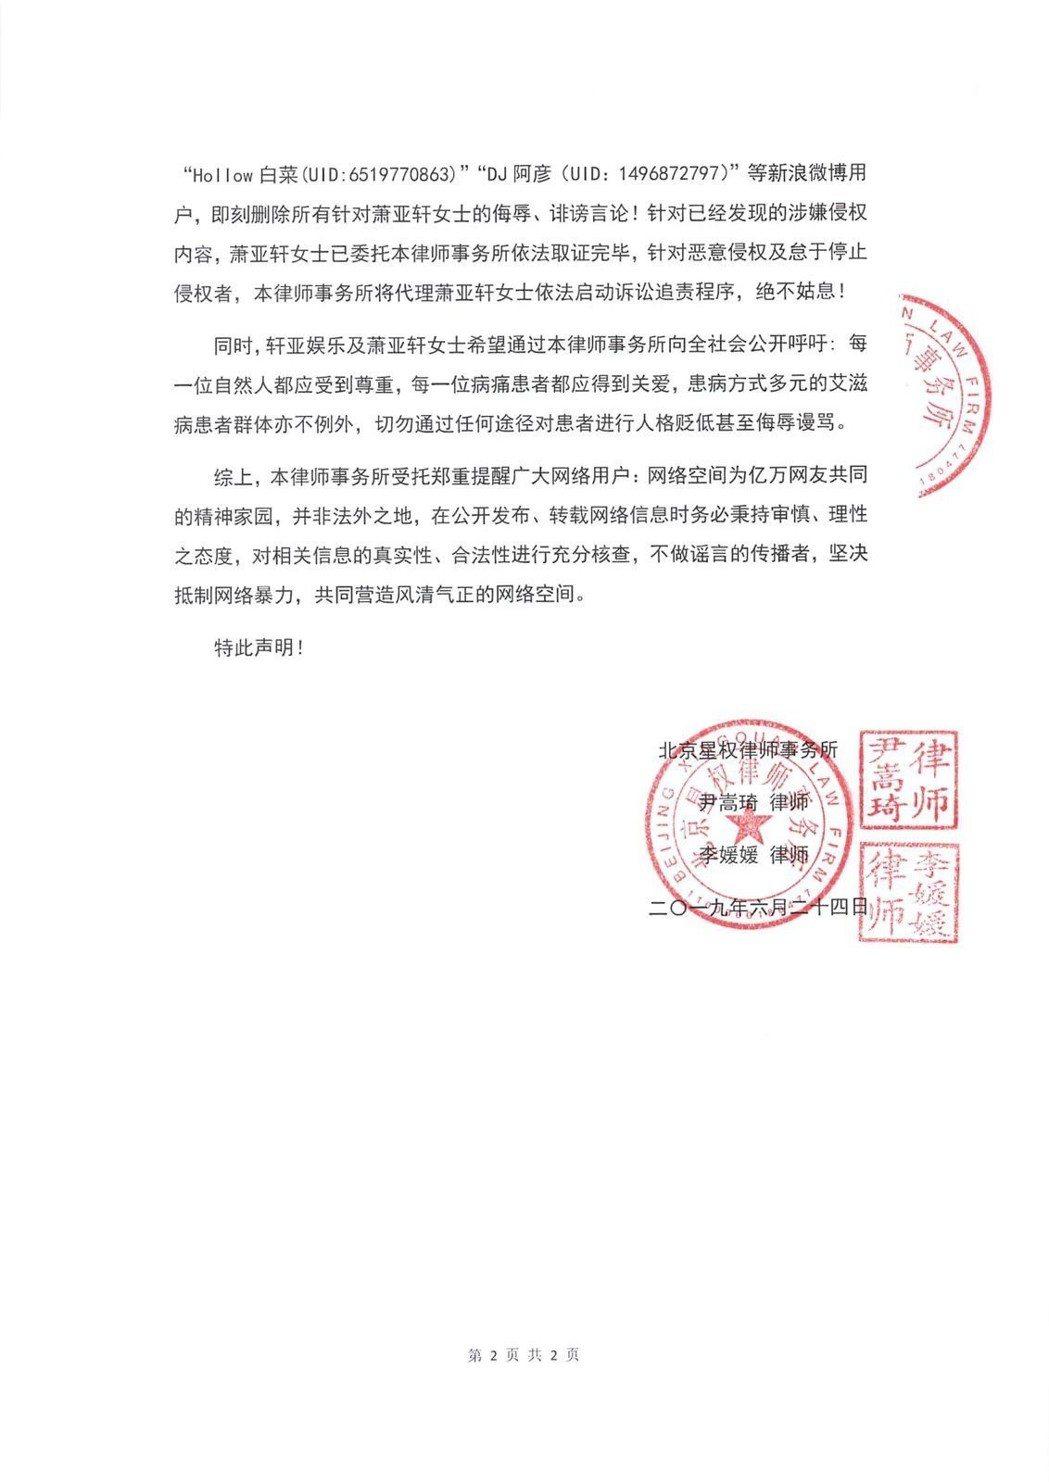 蕭亞軒委任律師發表聲明,對於造謠者正式提告。圖/天地合提供